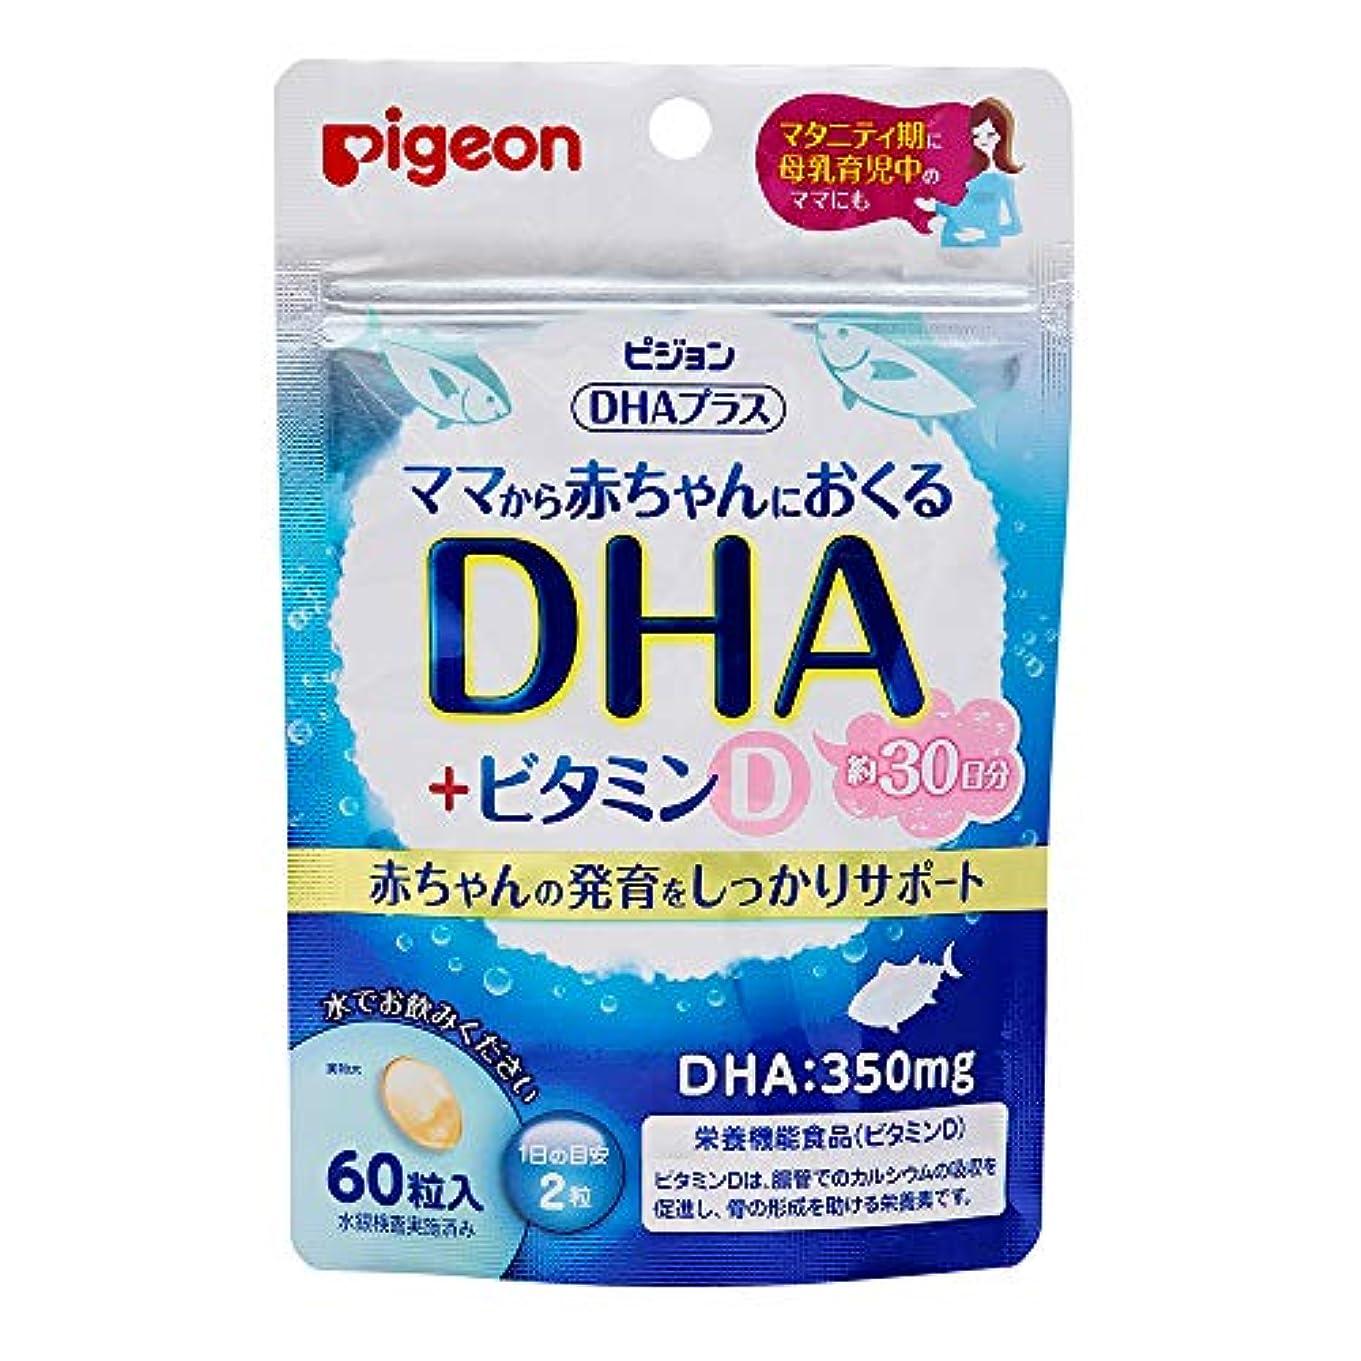 加速度堂々たる締め切りピジョン(Pigeon) DHAプラス (DHA + ビタミンD) 【母乳で赤ちゃんへ届ける(マタニティサプリメント ソフトカプセル)】 60粒入